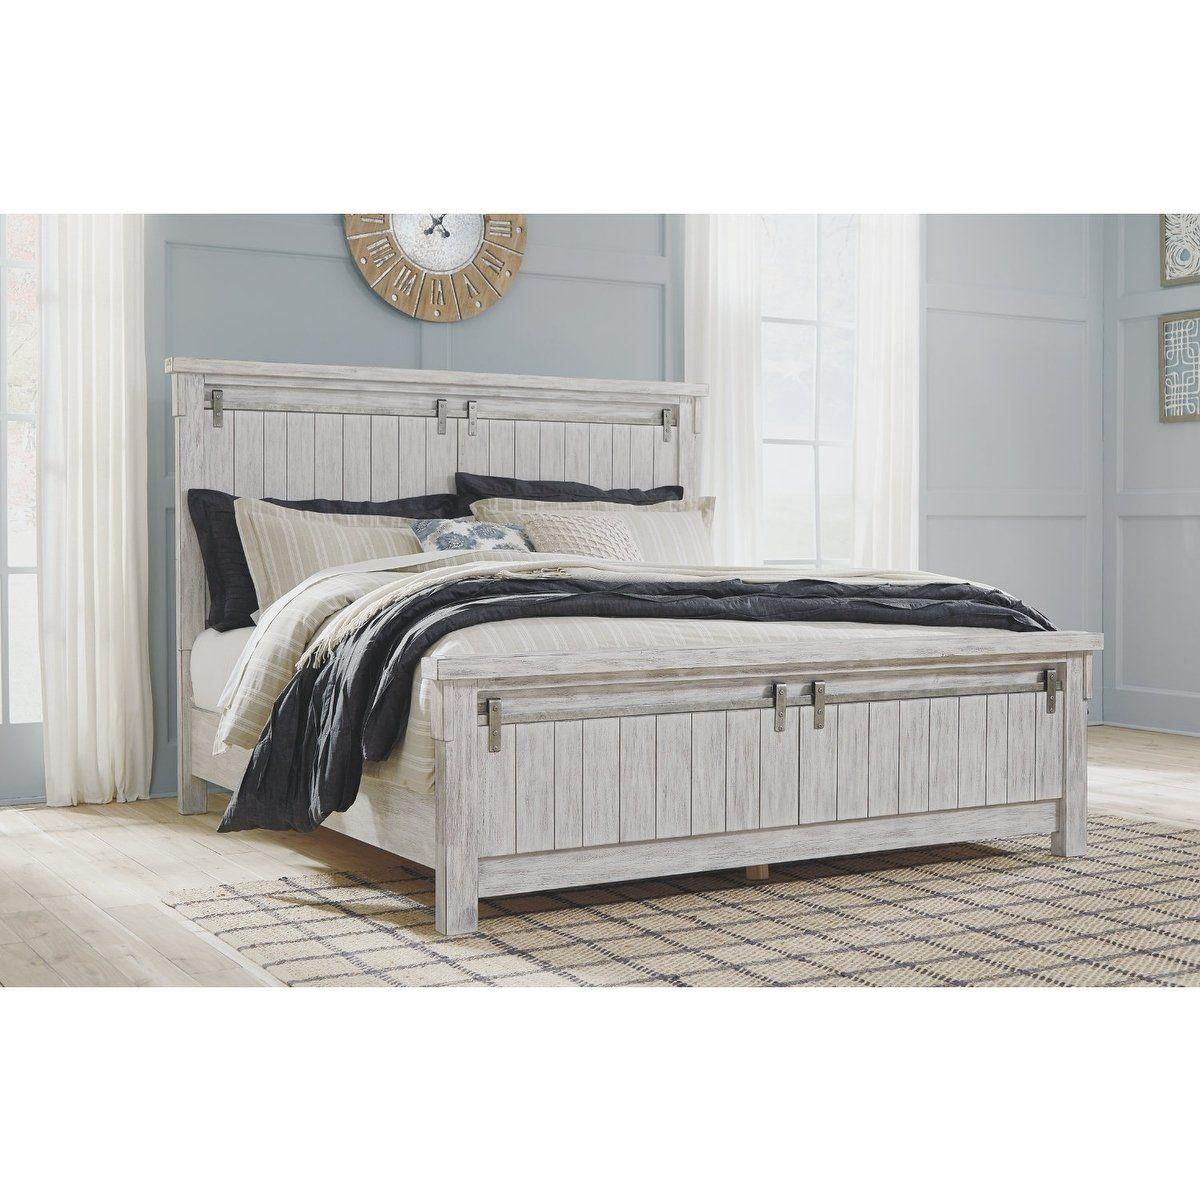 Brashland 3 Piece Queen Panel Bed White panel bedroom